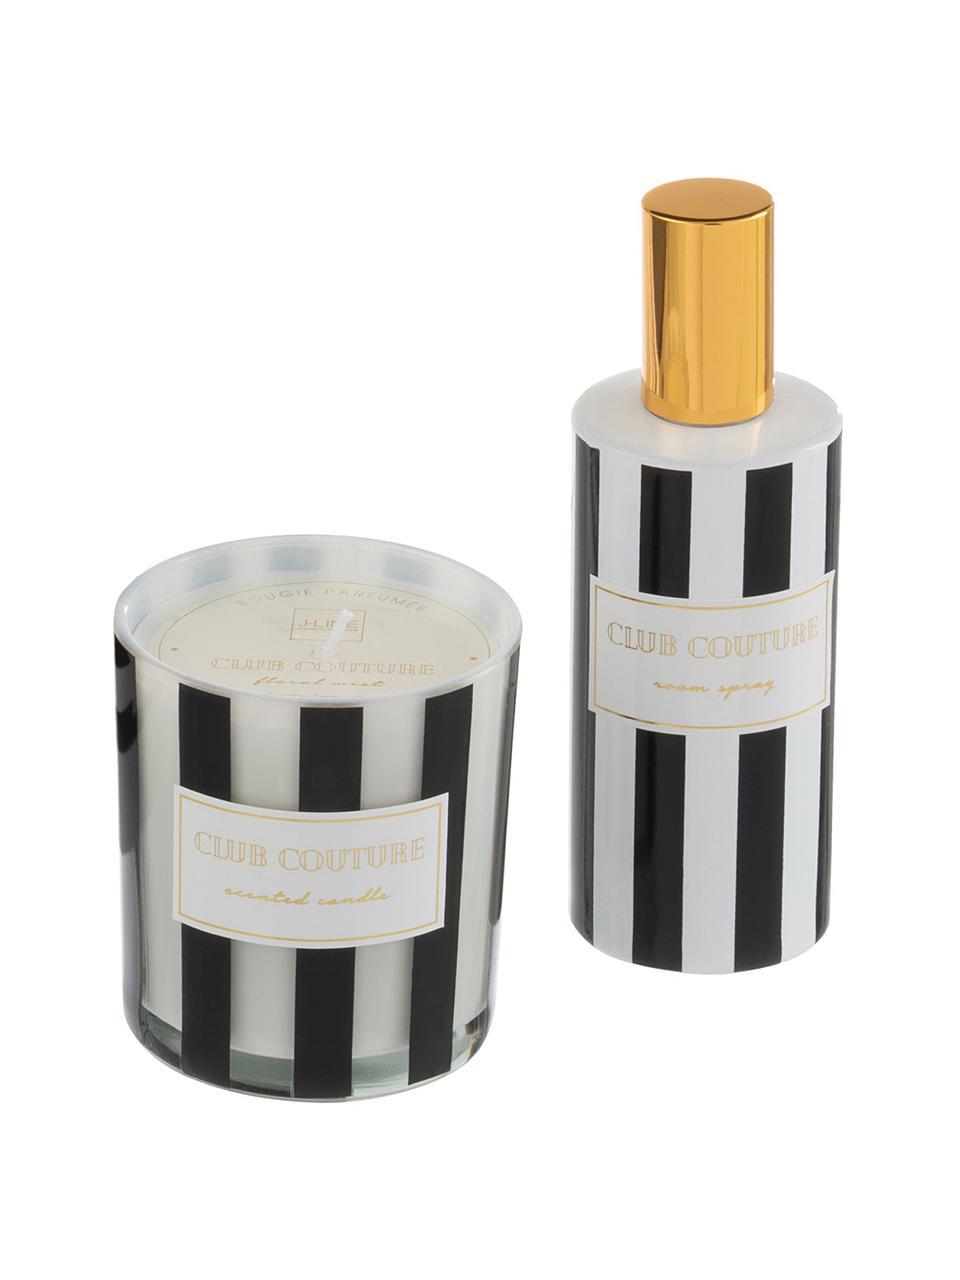 Duftkerze und Diffuser-Set Club Couture, 2-tlg. (Blumen), Behälter: Glas, Schwarz, Weiß, Goldfarben, Set mit verschiedenen Größen